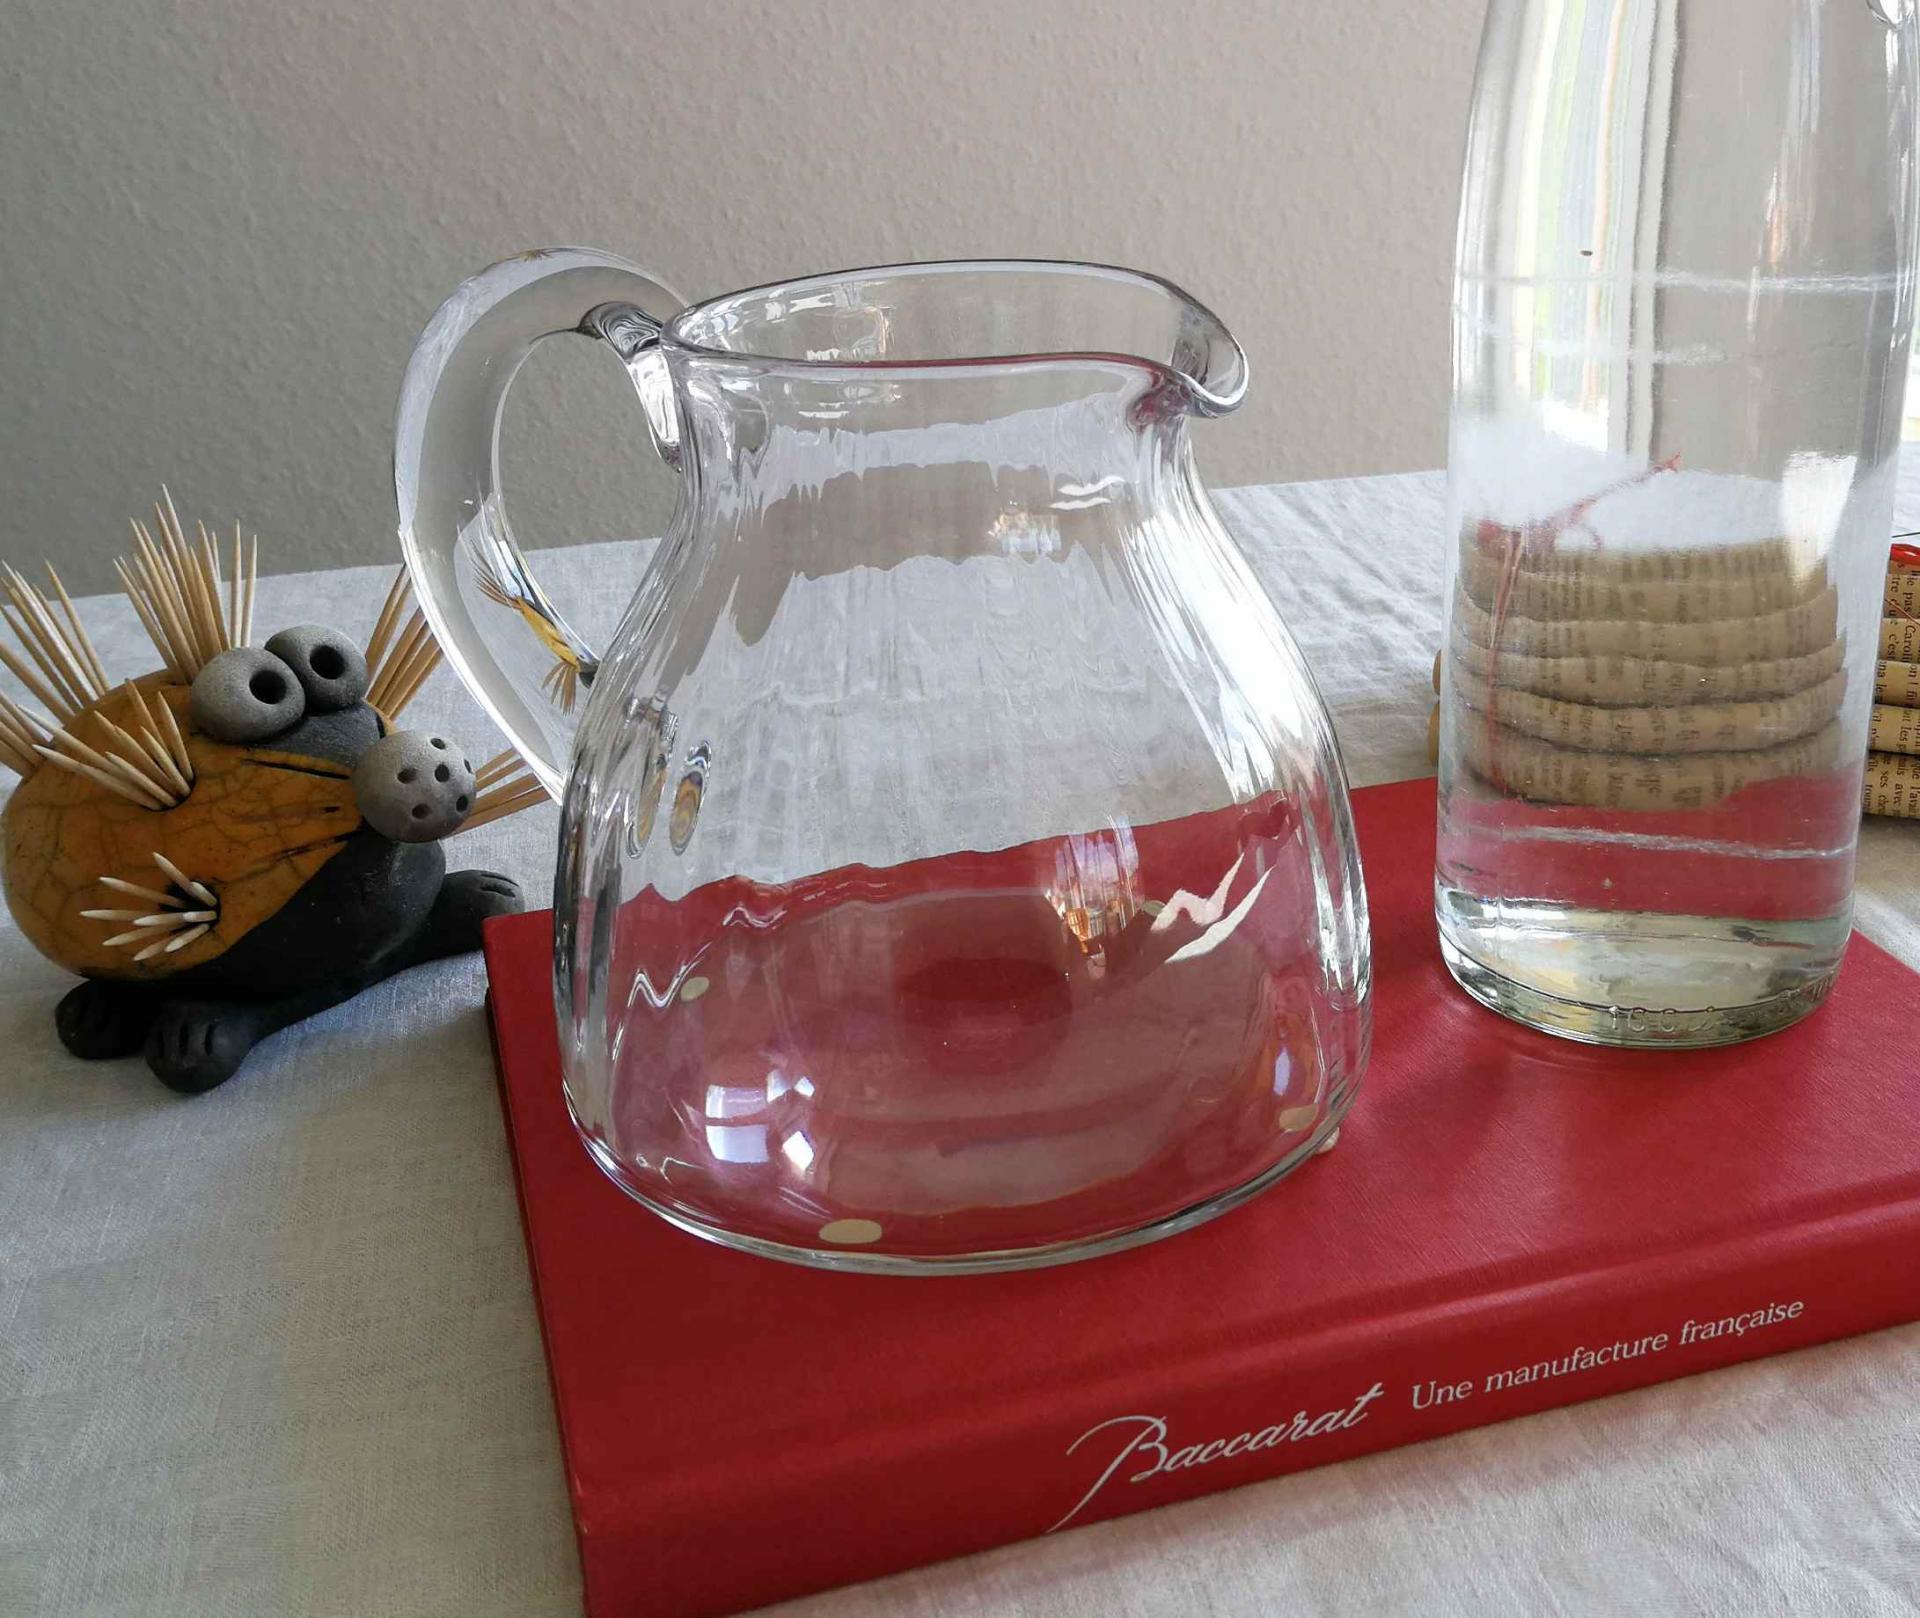 Broc à eau cristal Baccarat. Service Flore